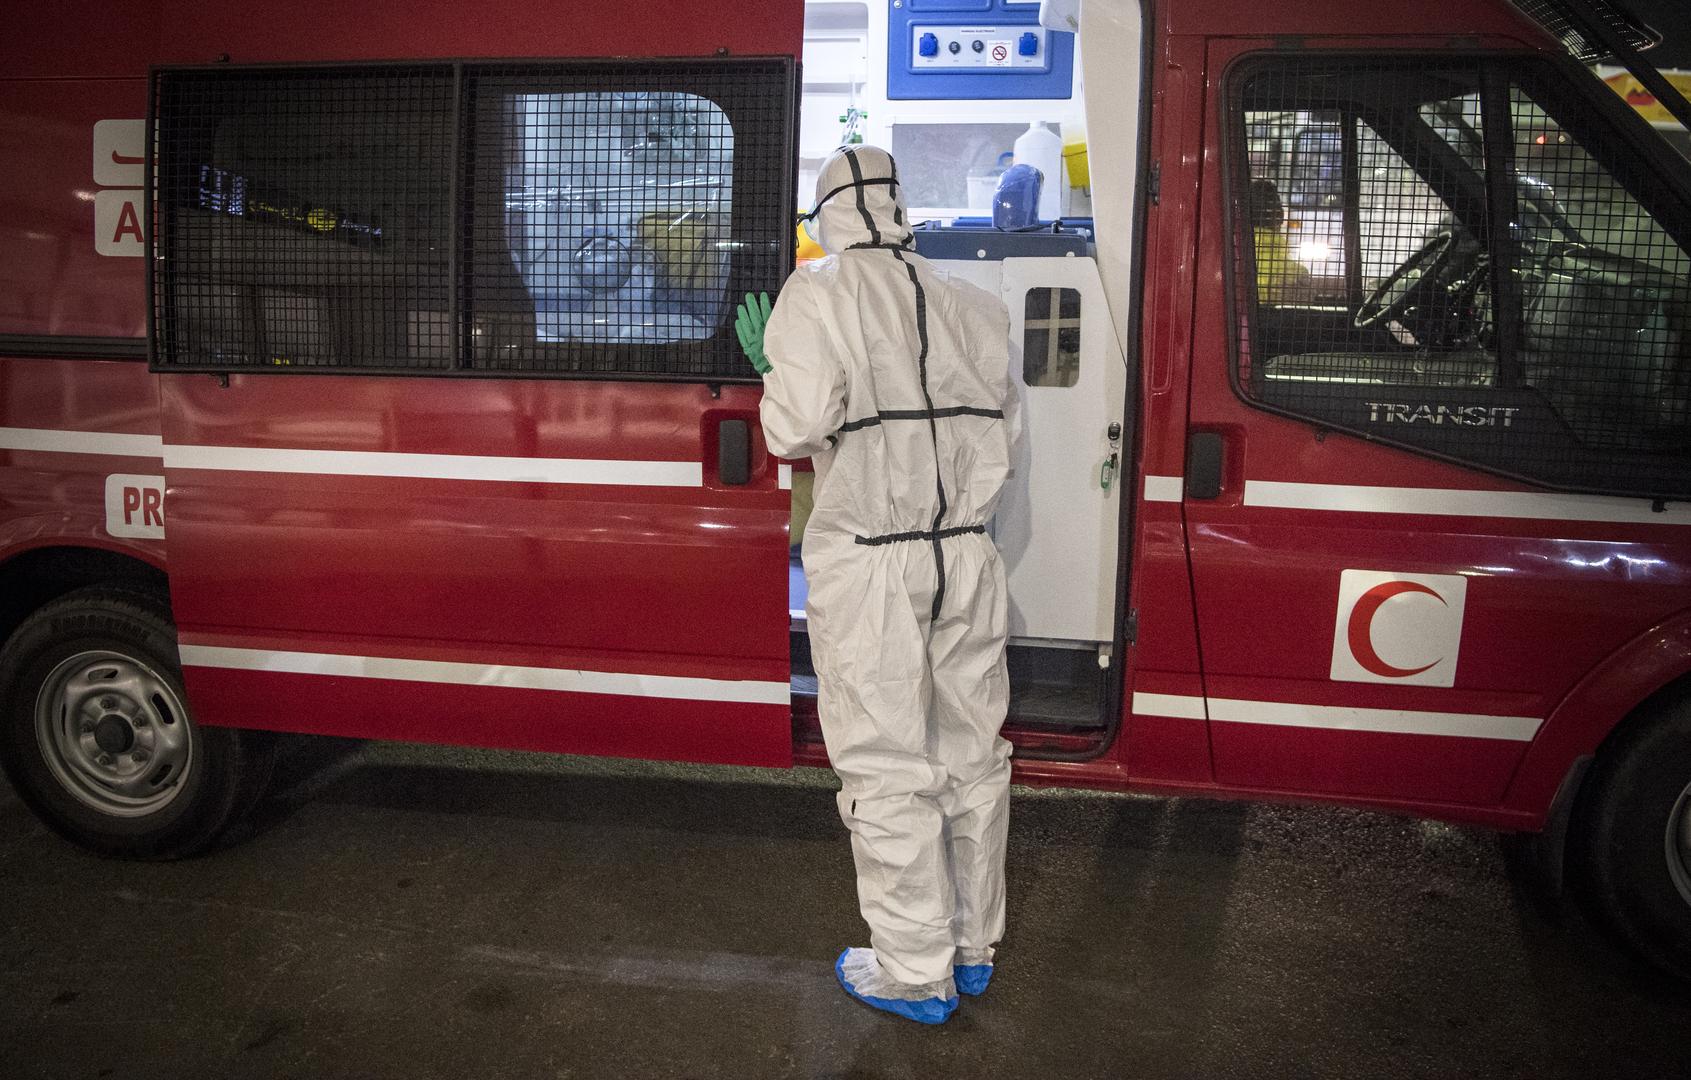 فيروس كورونا: 26 إصابة مؤكدة جديدة بالمغرب